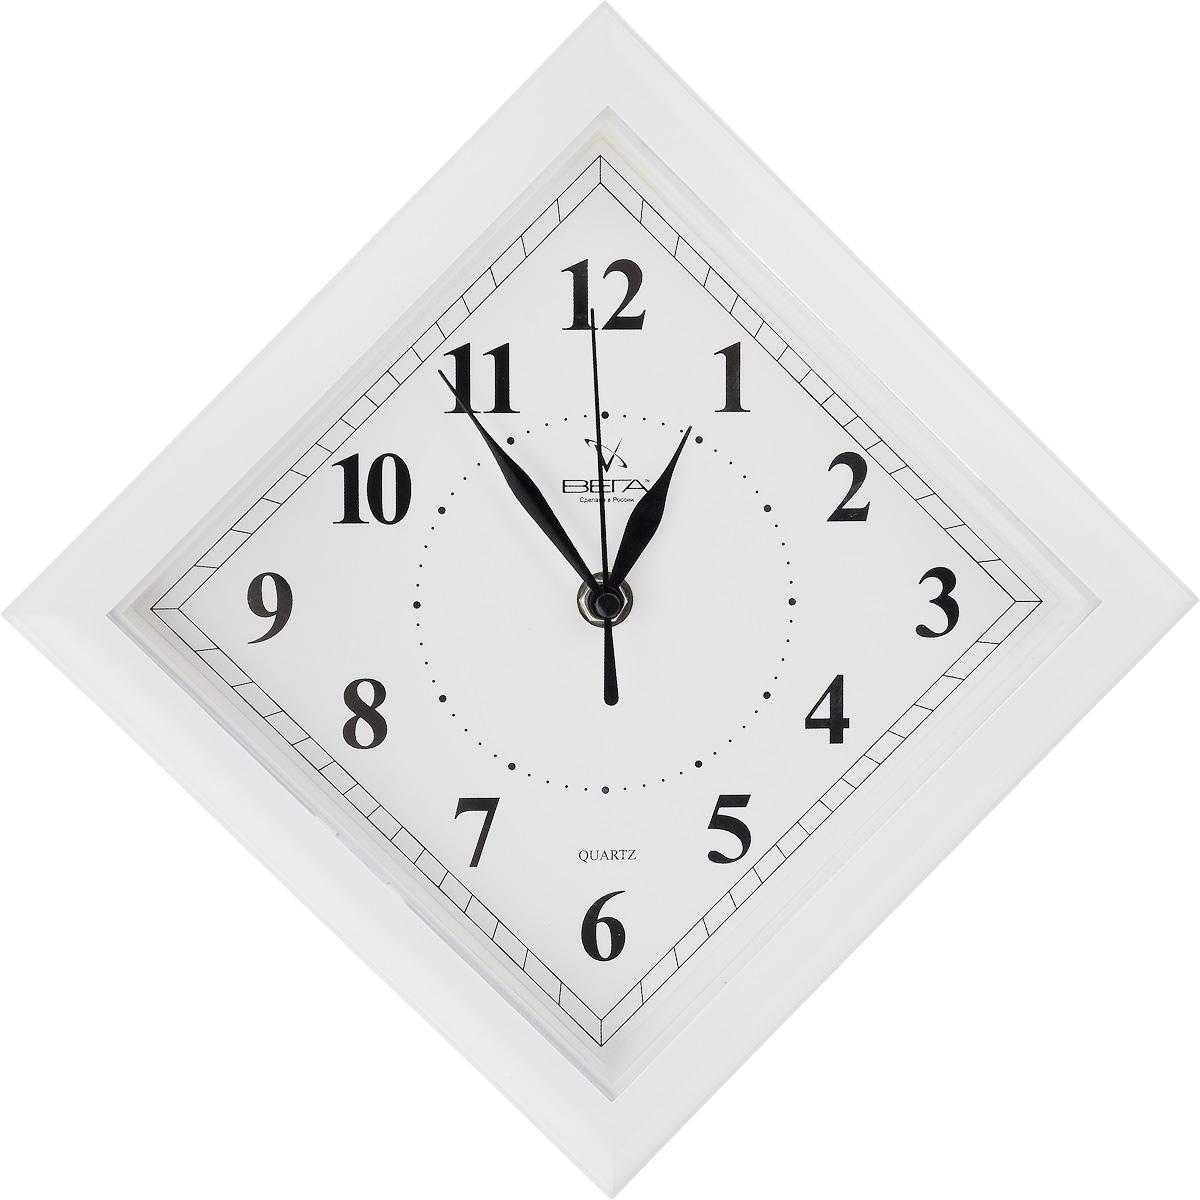 Часы настенные Вега Классика. Ромб, цвет: белый, 20,6 х 20,6 х 4 см94672Настенные кварцевые часы Вега Классика. Ромб в классическом дизайне, изготовленные из пластика, прекрасно впишутся в интерьер вашего дома. Часы имеют три стрелки: часовую, минутную и секундную, циферблат защищен прозрачным пластиком. Часы работают от 1 батарейки типа АА напряжением 1,5 В (не входит в комплект).